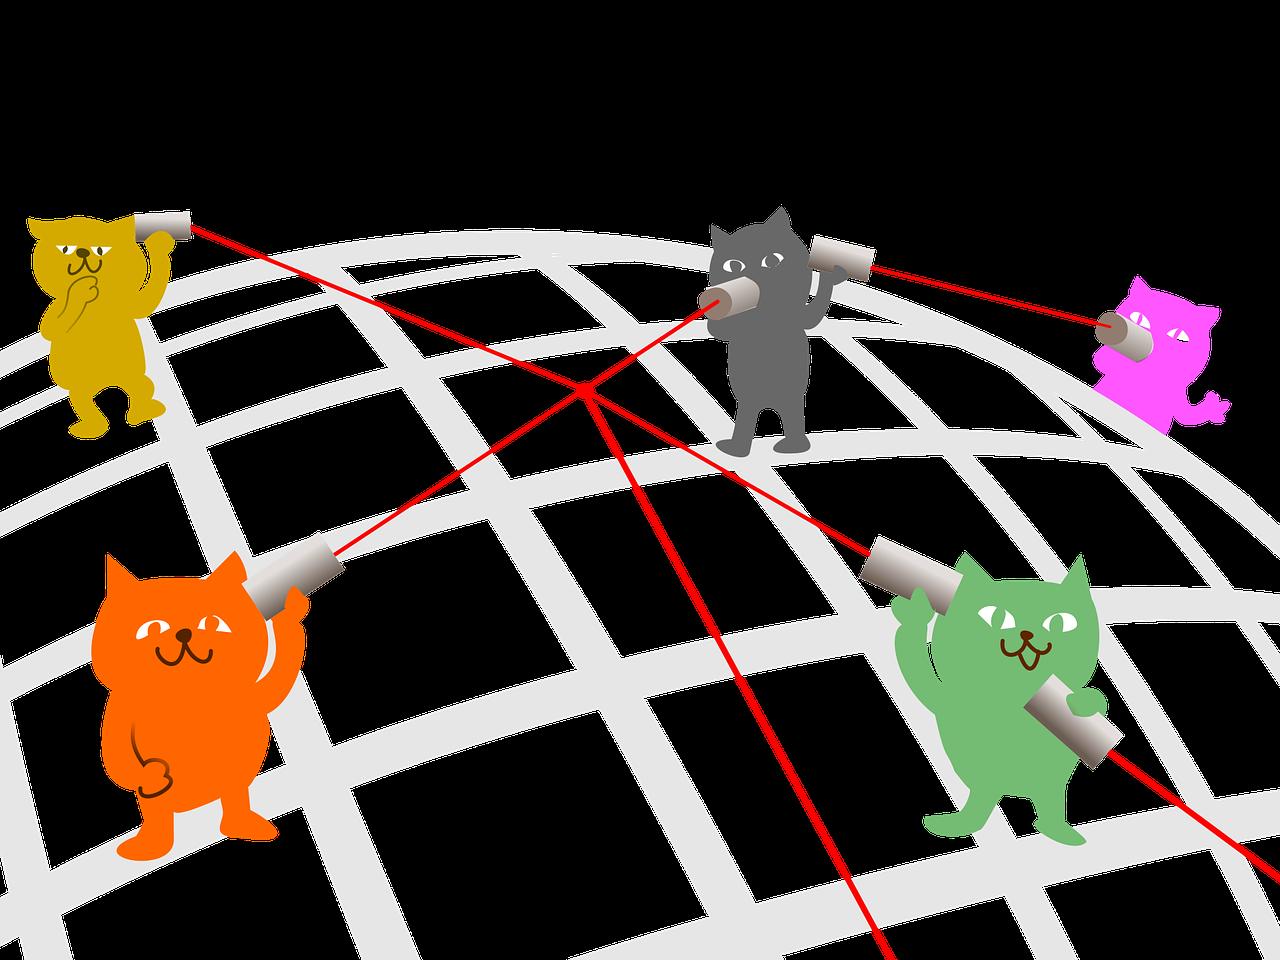 7 טקטיקות לשיווק מפה לאוזן שימשכו אל העסק יותר לקוחות